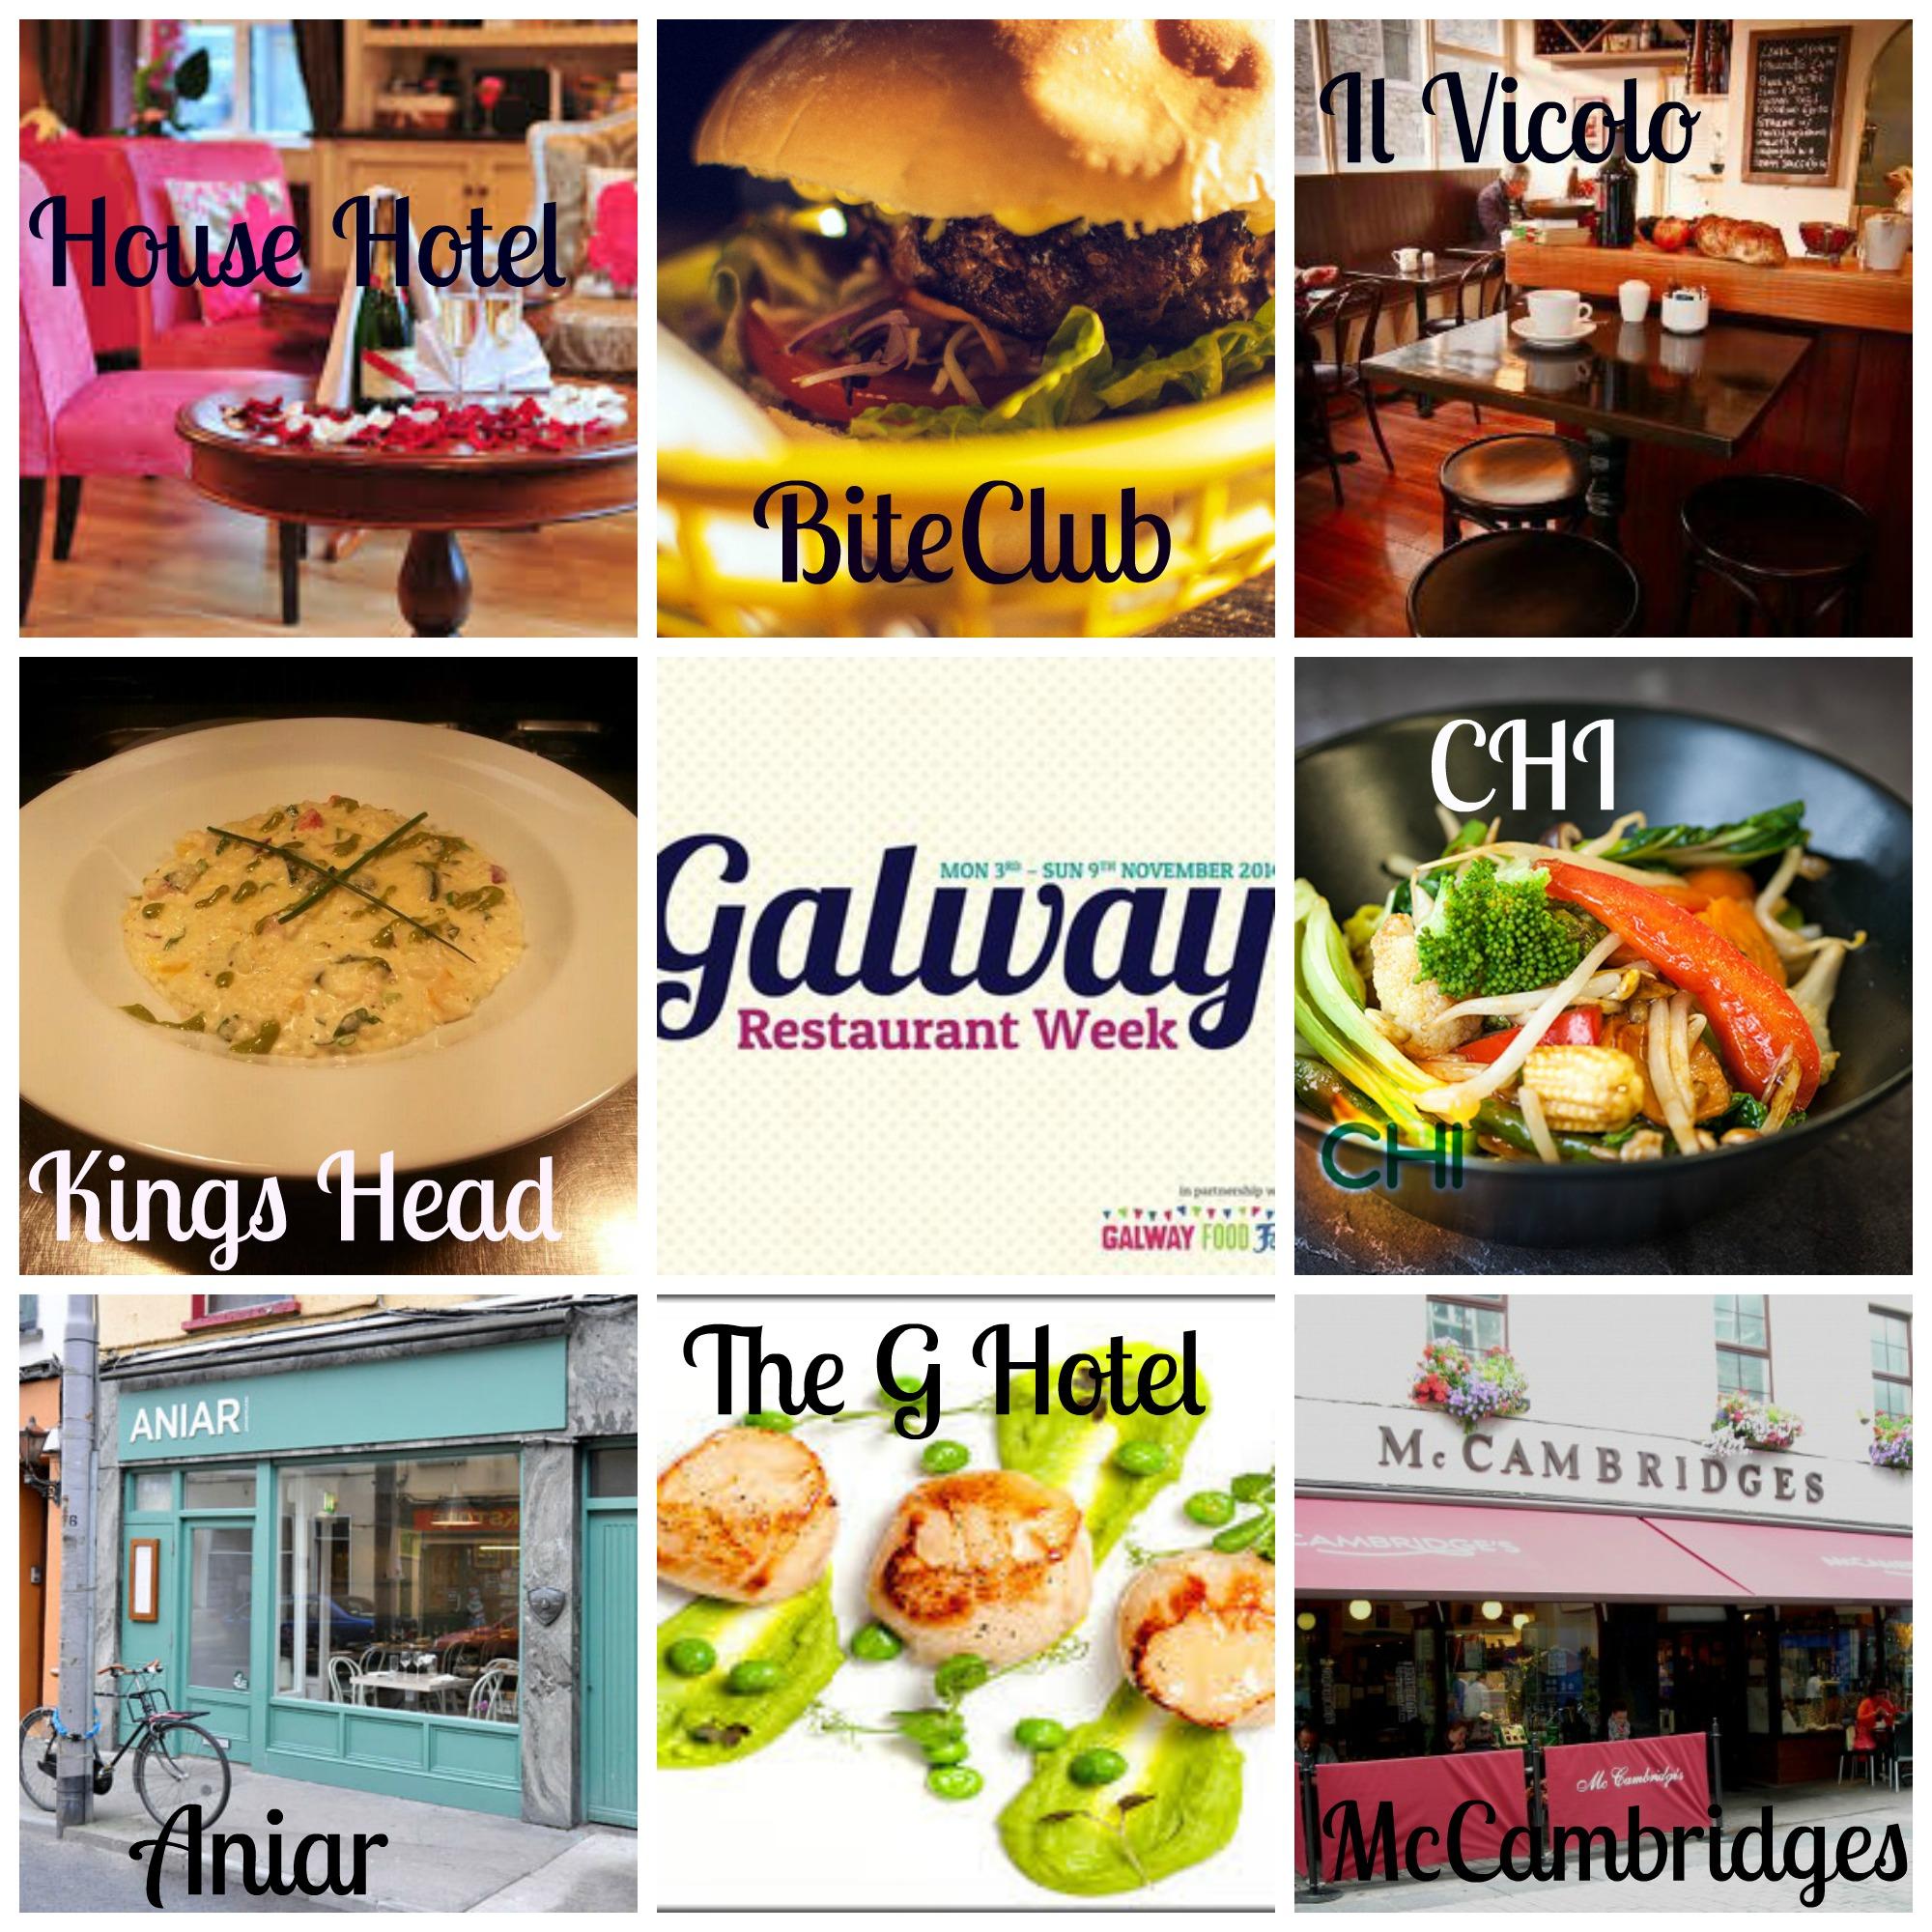 Restaurants Taking Part In Galway Restaurant Week 2014